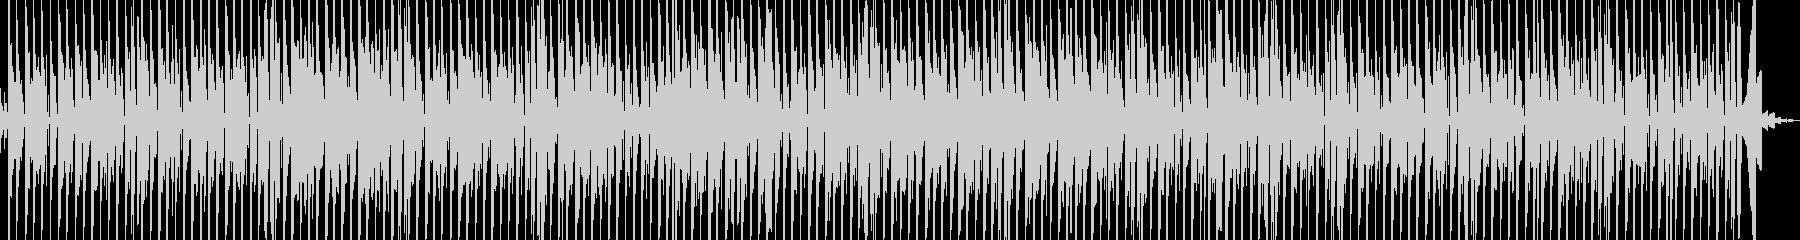 エレクトロポップ研究所バラードの遅...の未再生の波形